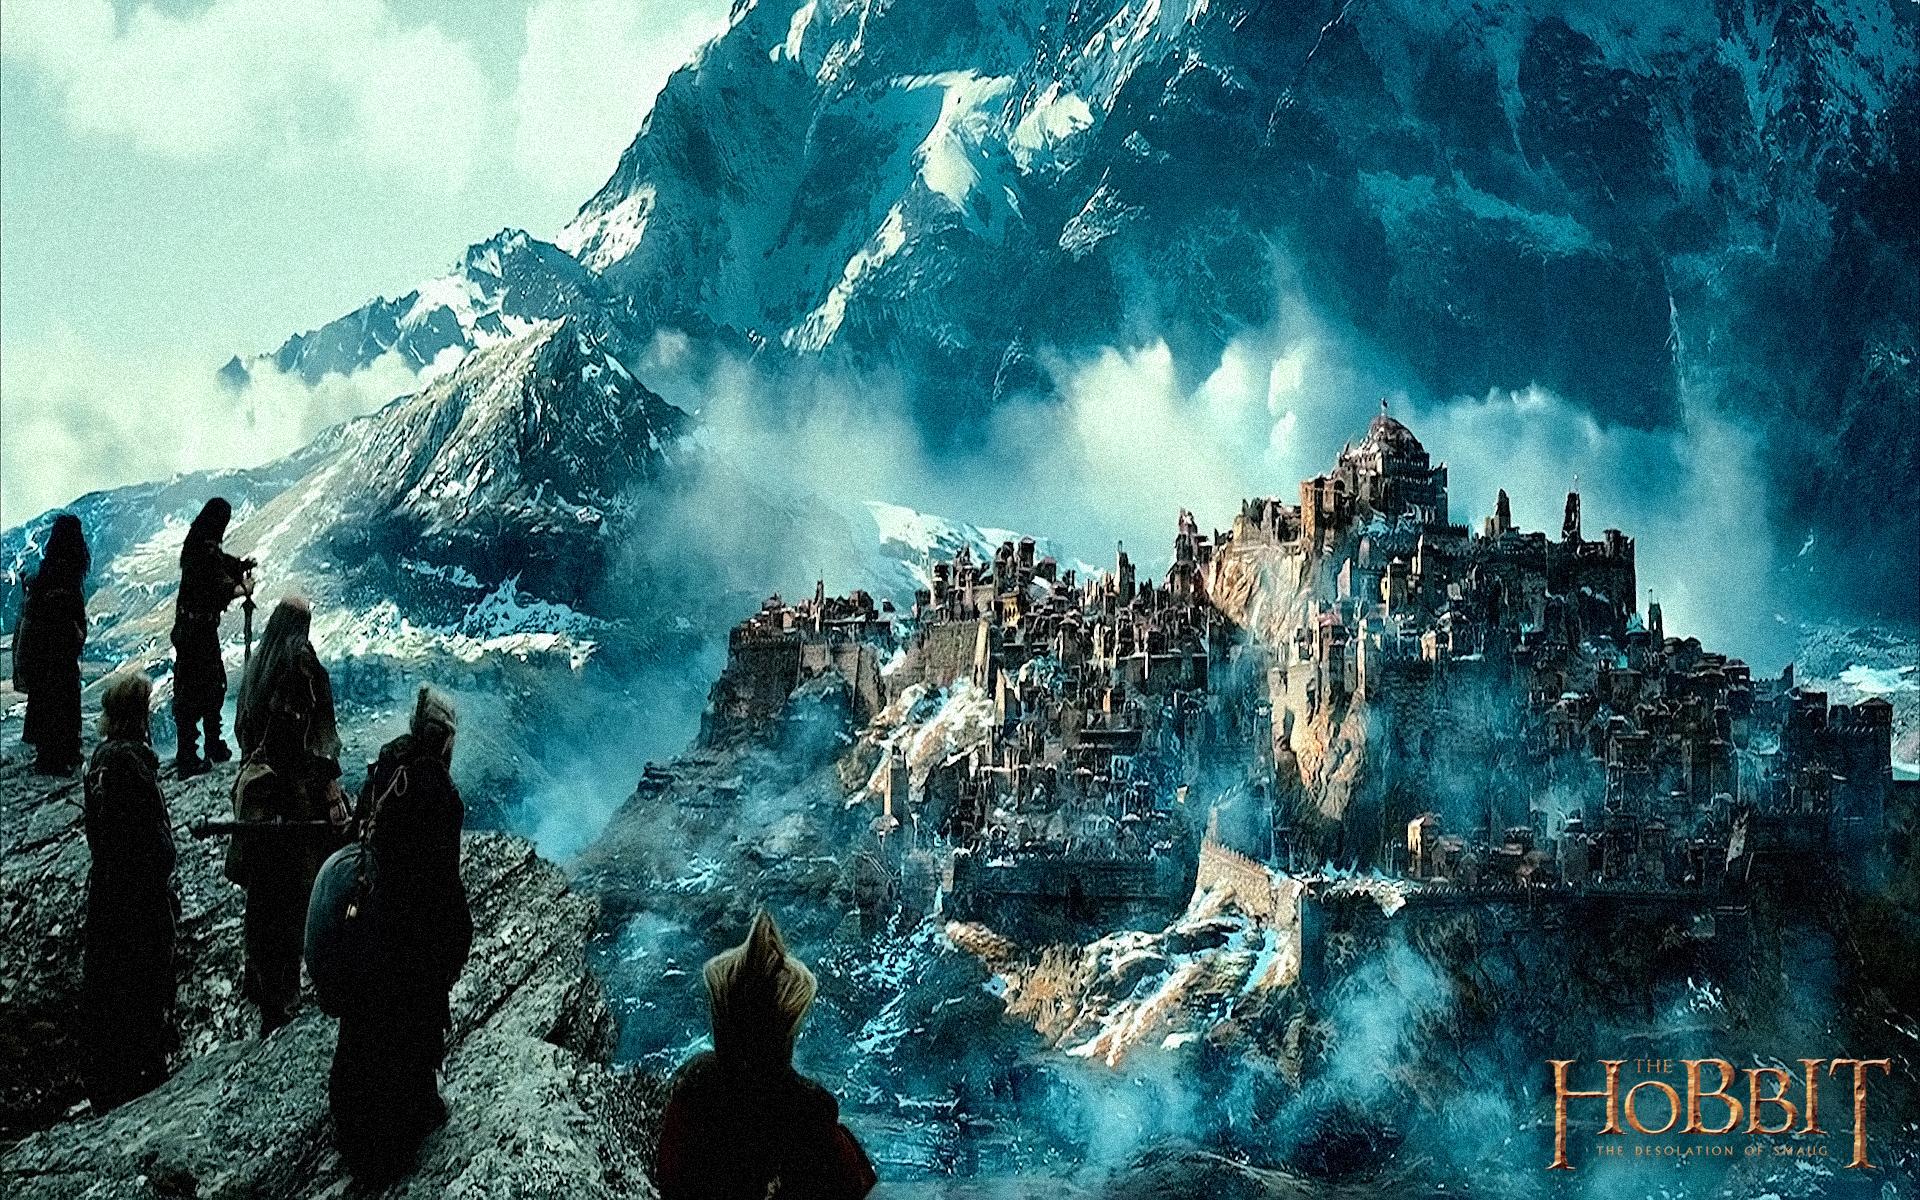 der-hobbit-smaugs-einoede-3d-poster-art-15